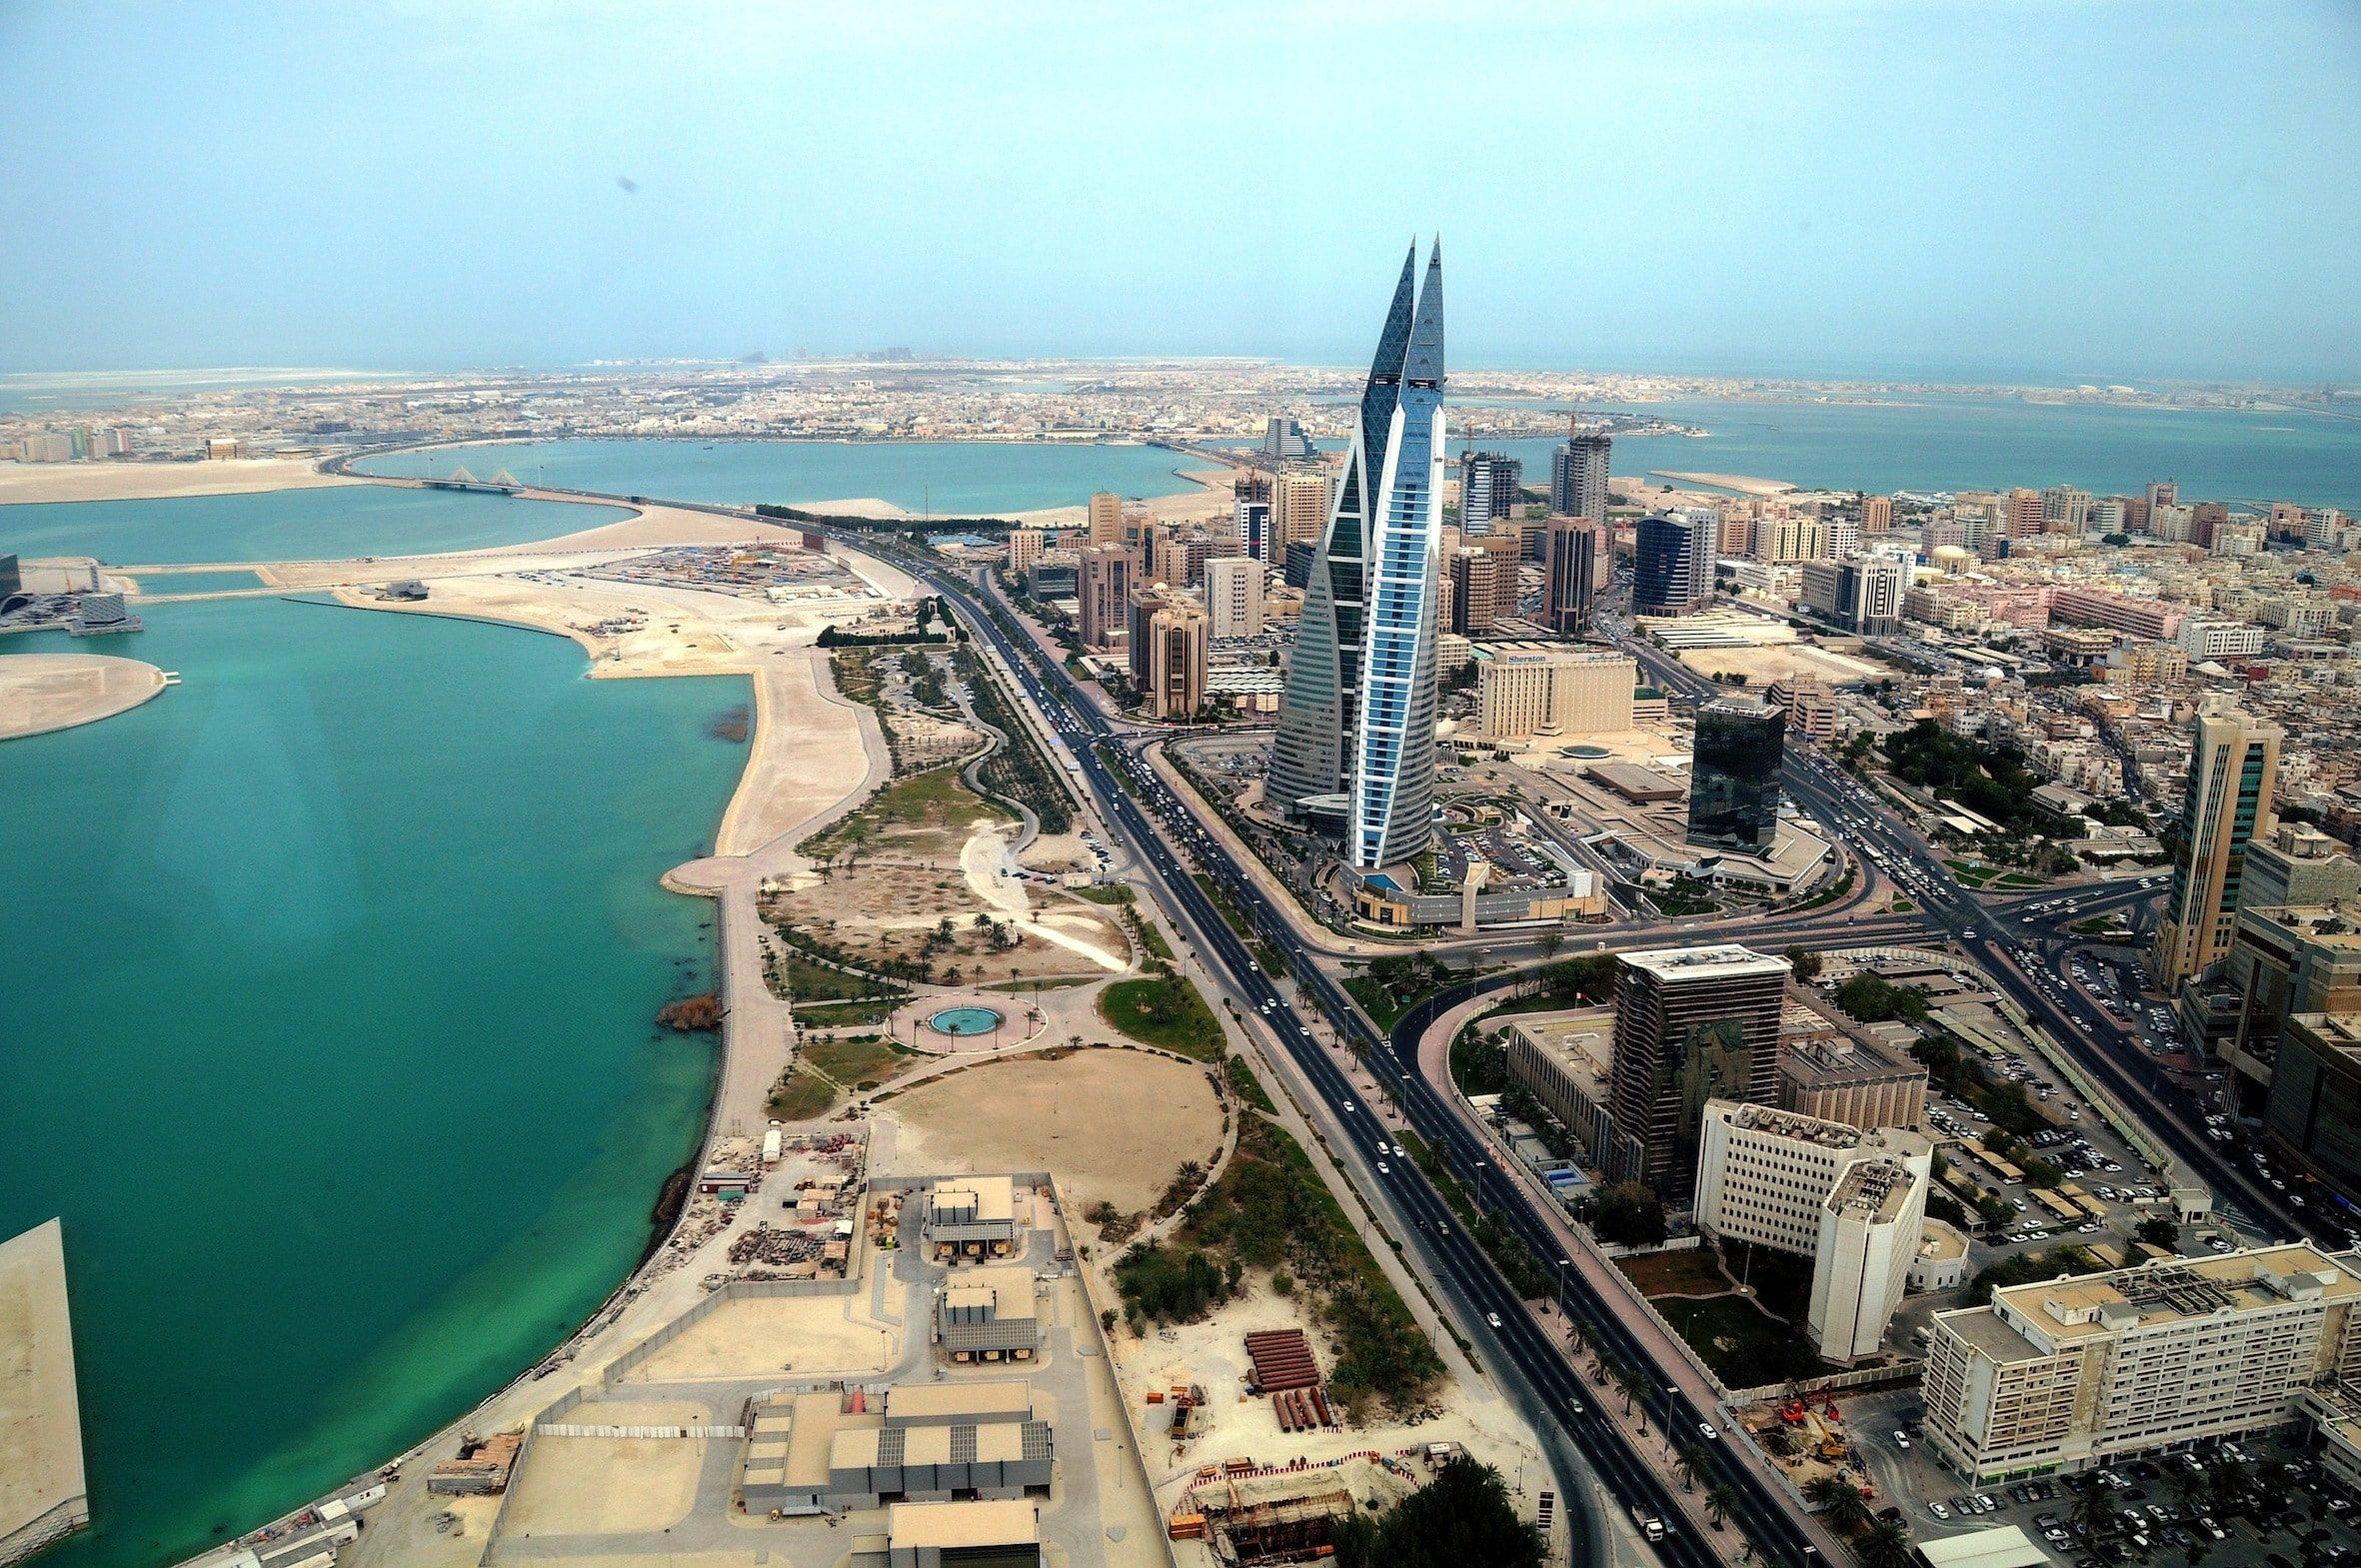 البحرين واشهر المدن السياحية فيها | السياحة فى البحرين واشهر المدن بها